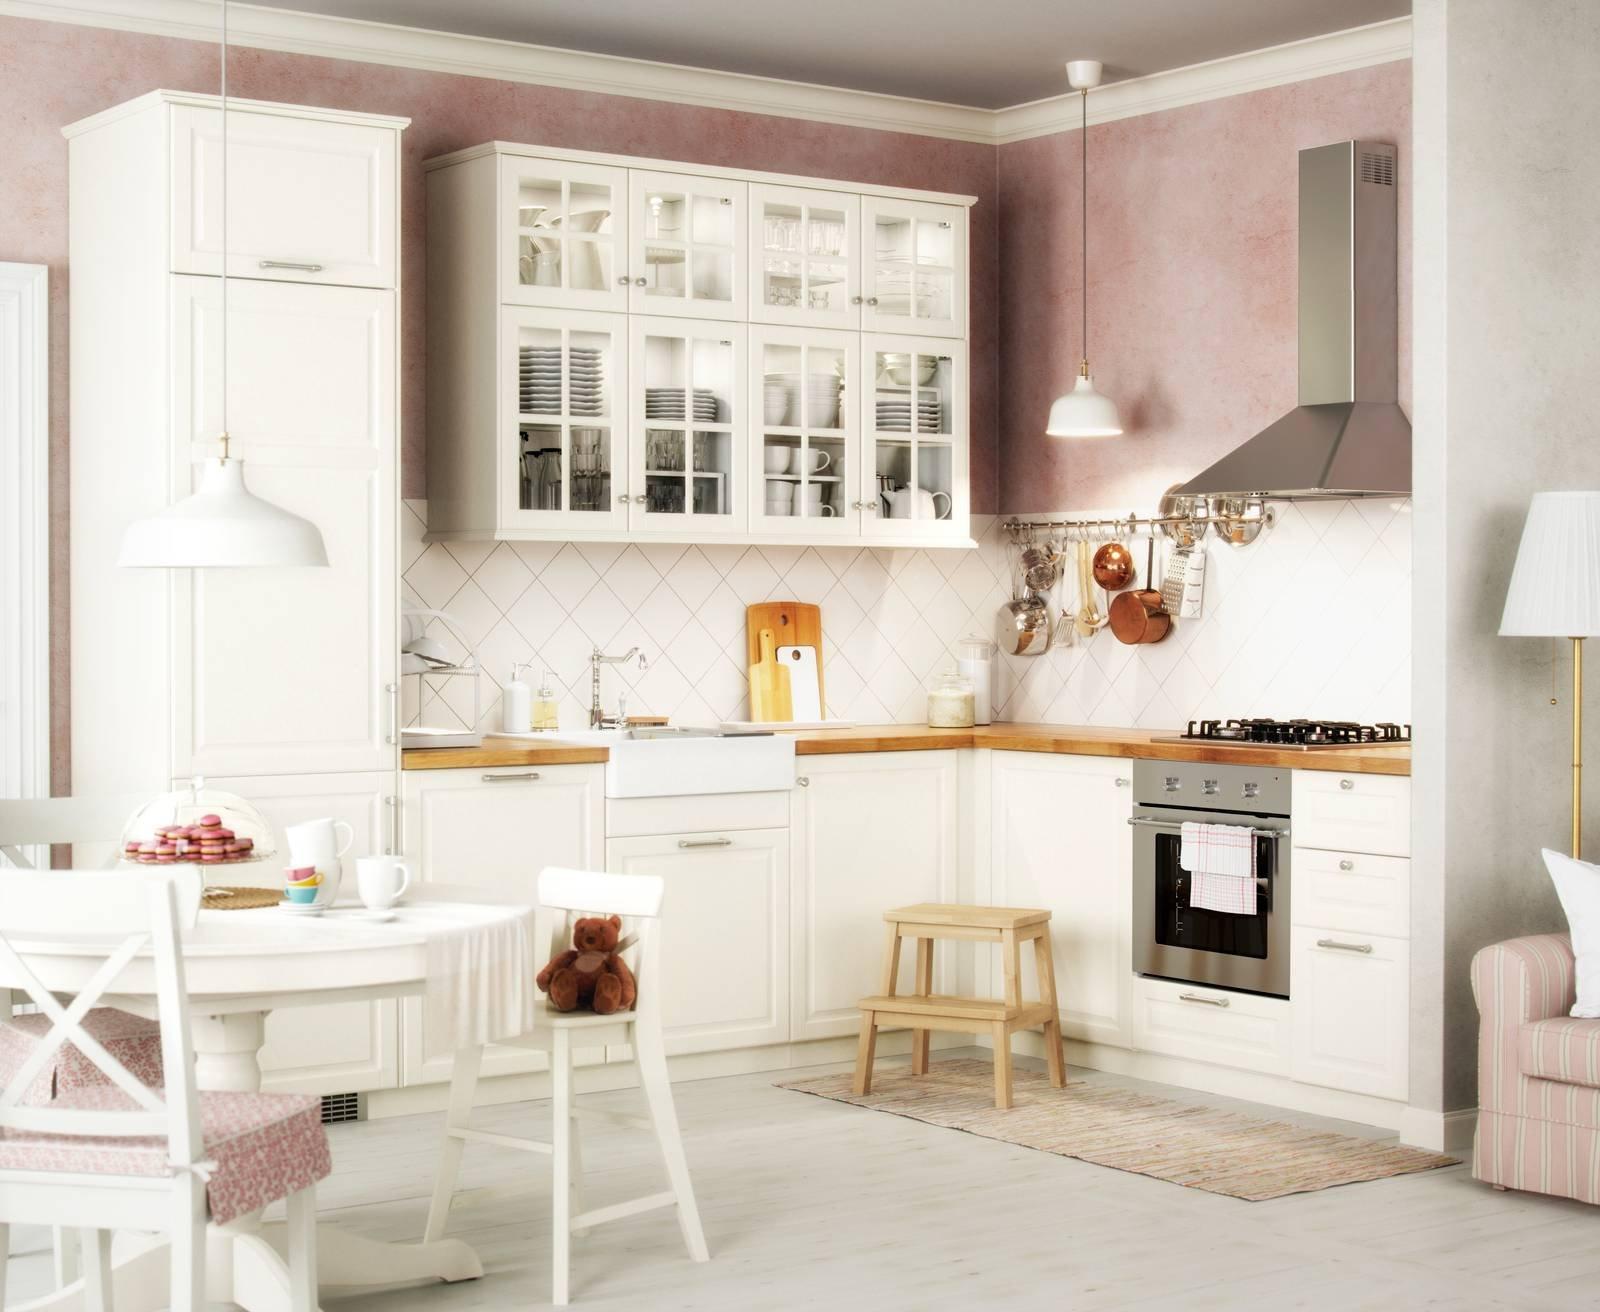 Ikea Cucine Con Isola Prezzi il modello più venduto di cucina? ecco la risposta dei